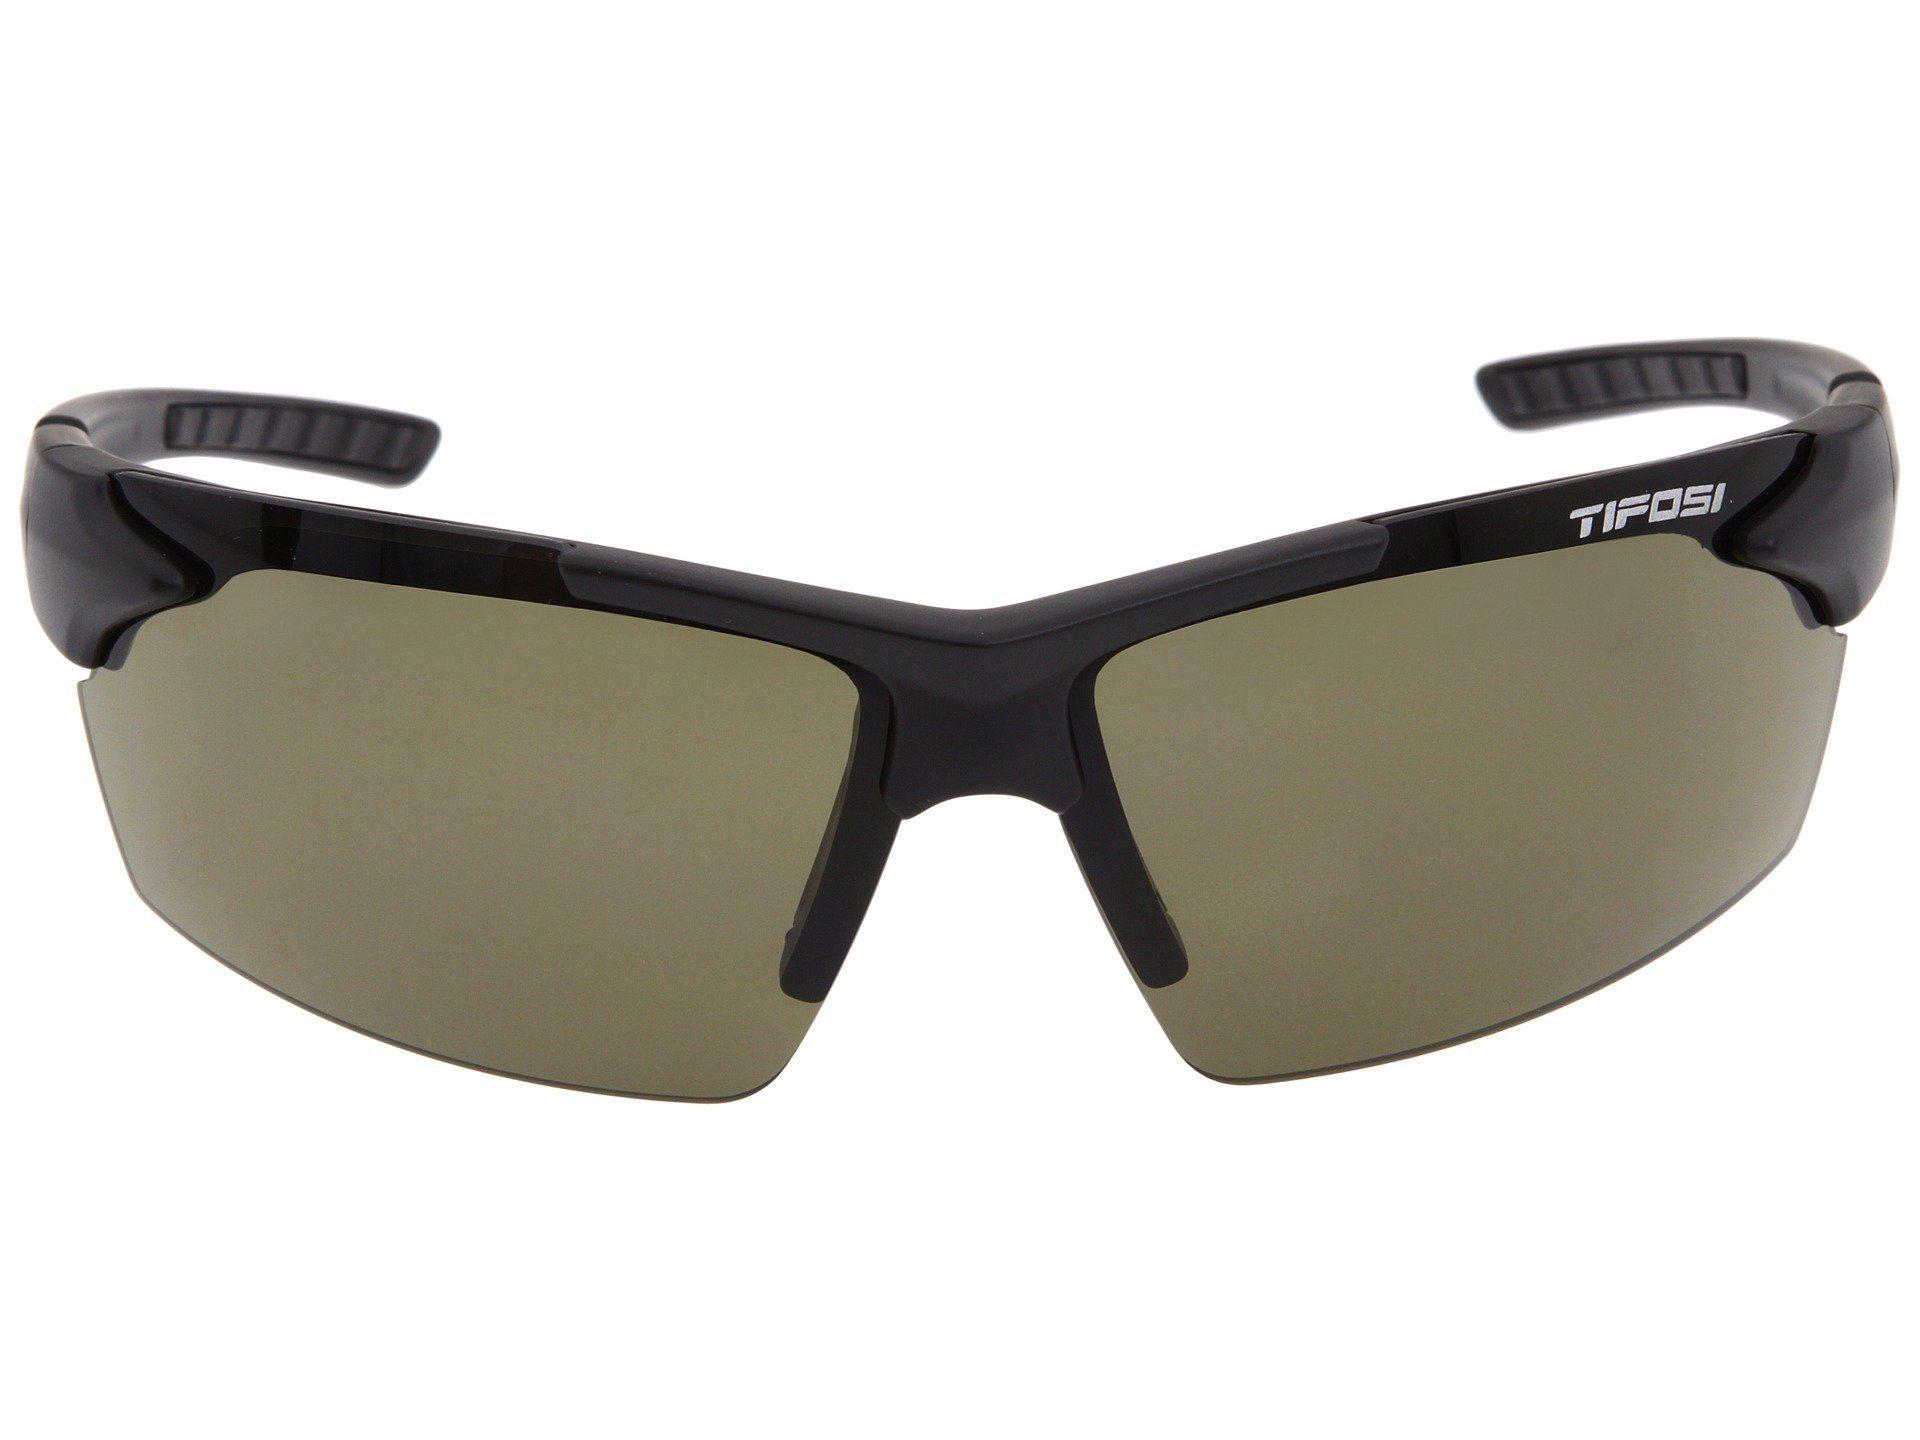 Gafas de sol Jet Tifosi Optics